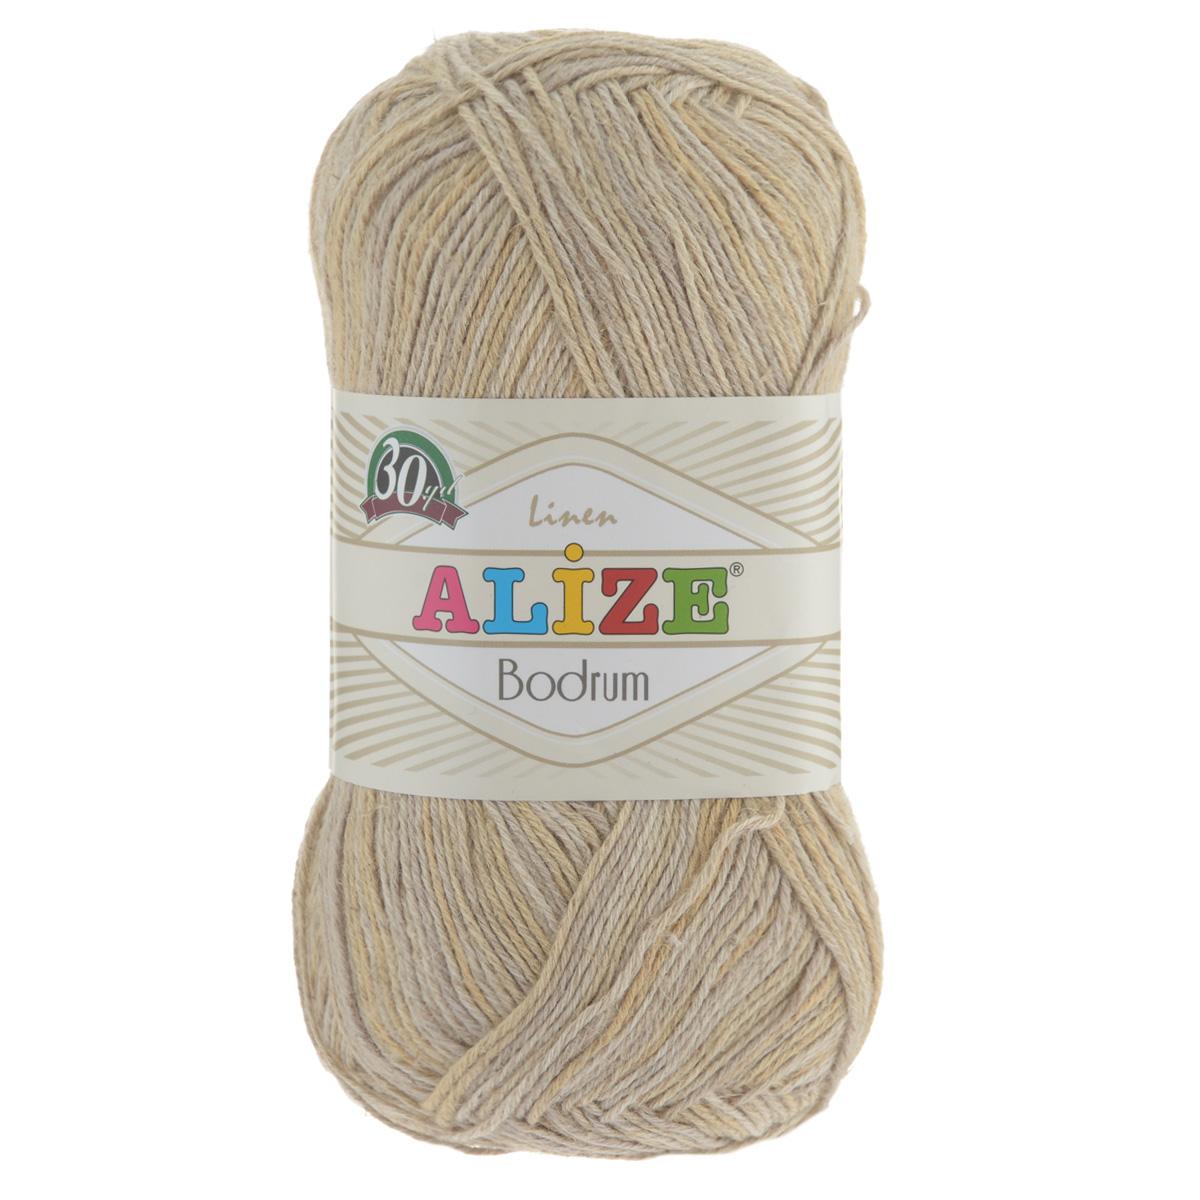 Пряжа для вязания Alize Bodrum, цвет: бежевый, серый (51398), 280 м, 100 г, 5 шт697547_51398Пряжа для вязания Alize Bodrum с натуральной цветовой гаммой подходит для ручного вязания детям и взрослым. Приятная на ощупь нить сочетает в себе лен и полиэстер. Такая пряжа идеально подойдет для вязания весенних и летних изделий. Рекомендованные спицы 3-5 мм и крючок для вязания 2-3 мм. Комплектация: 5 мотков. Состав: 48% лен, 52% полиэстер. Рекомендована ручная стирка.